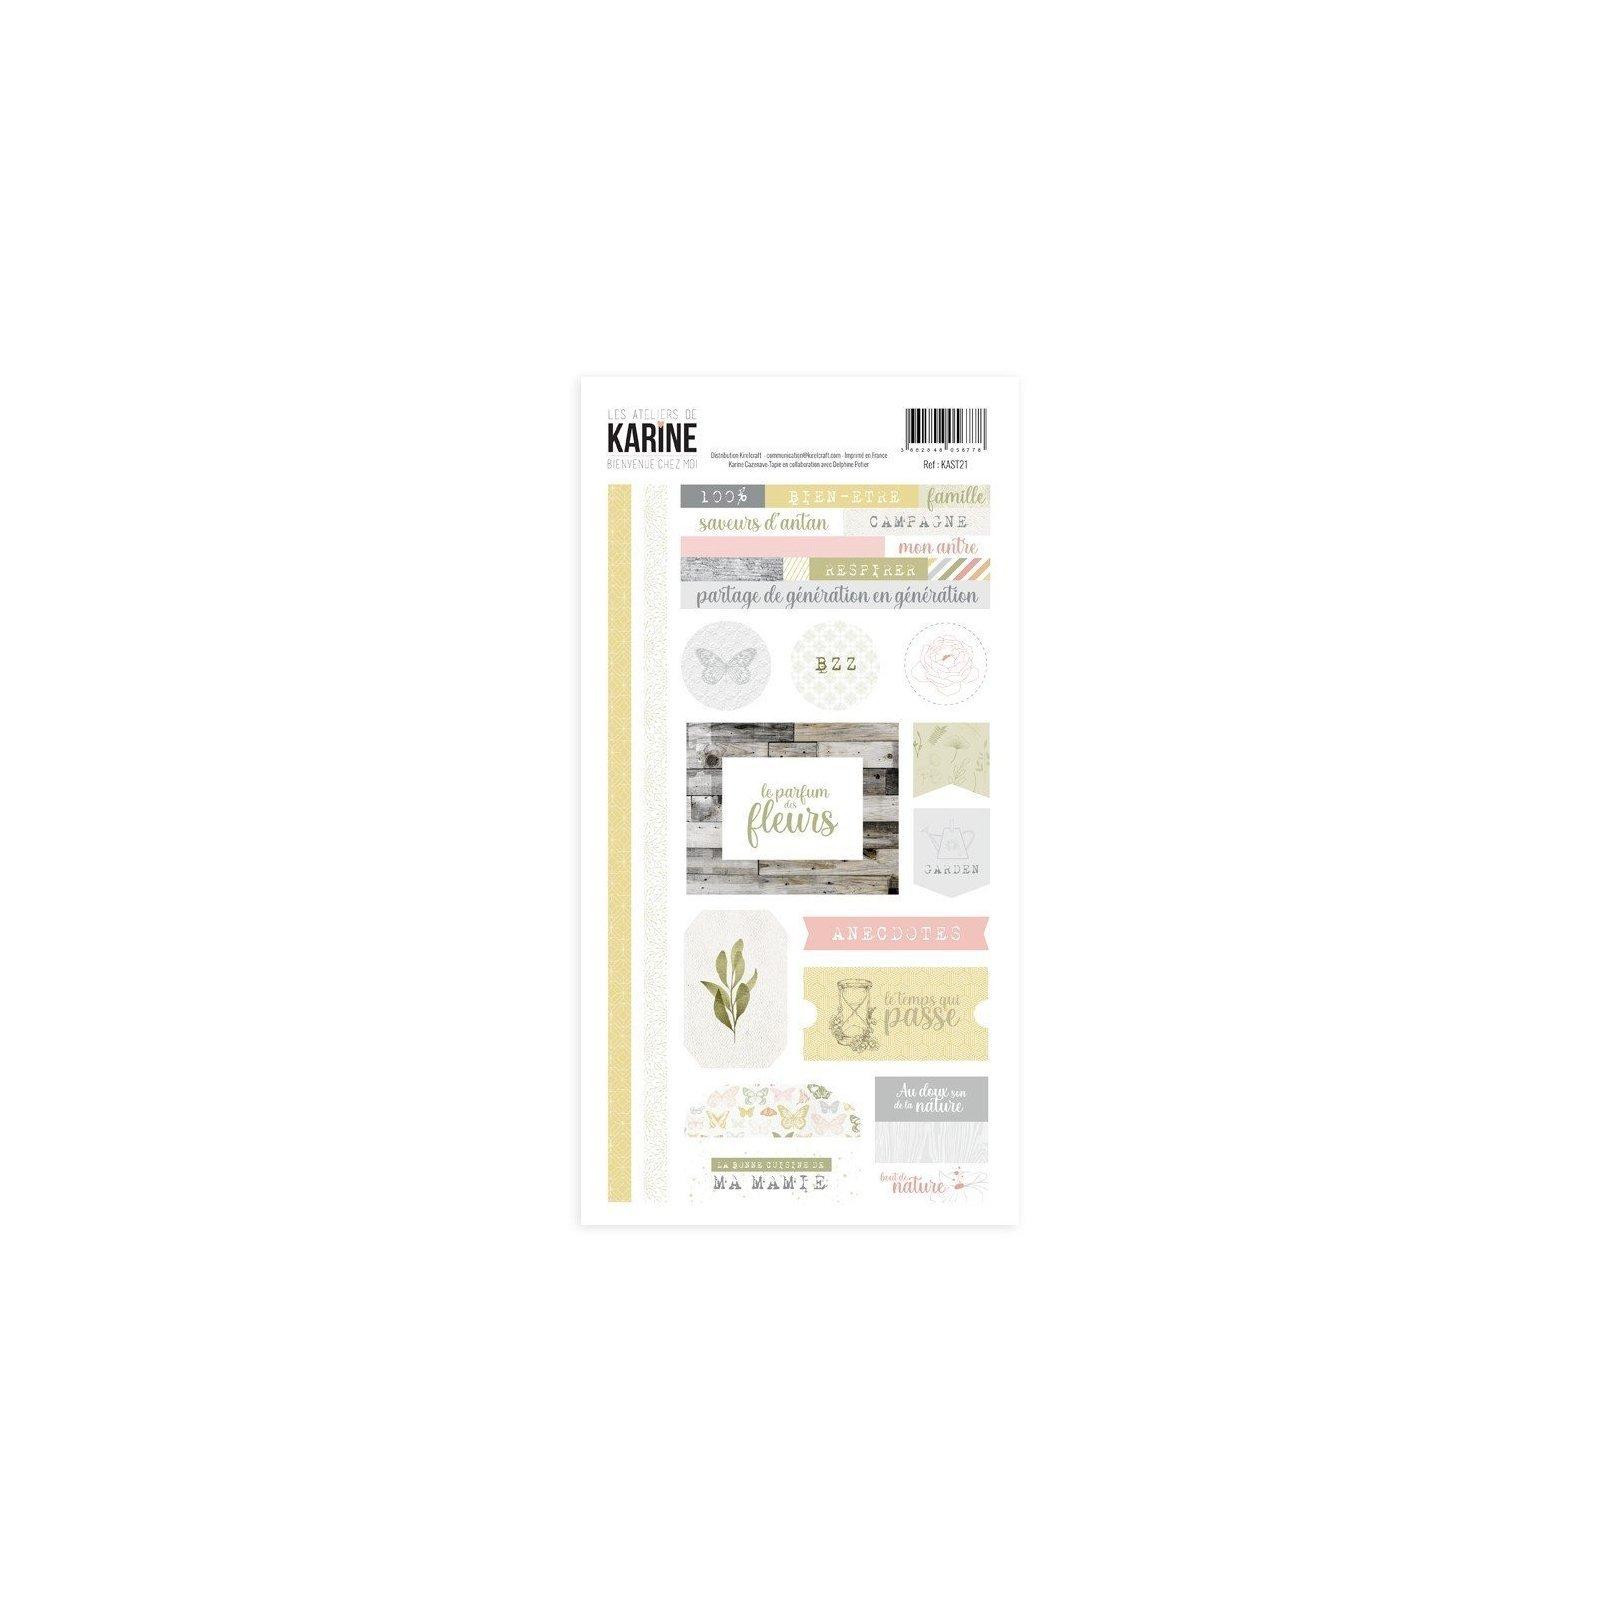 Stickers - Bienvenue chez moi - Les ateliers de Karine